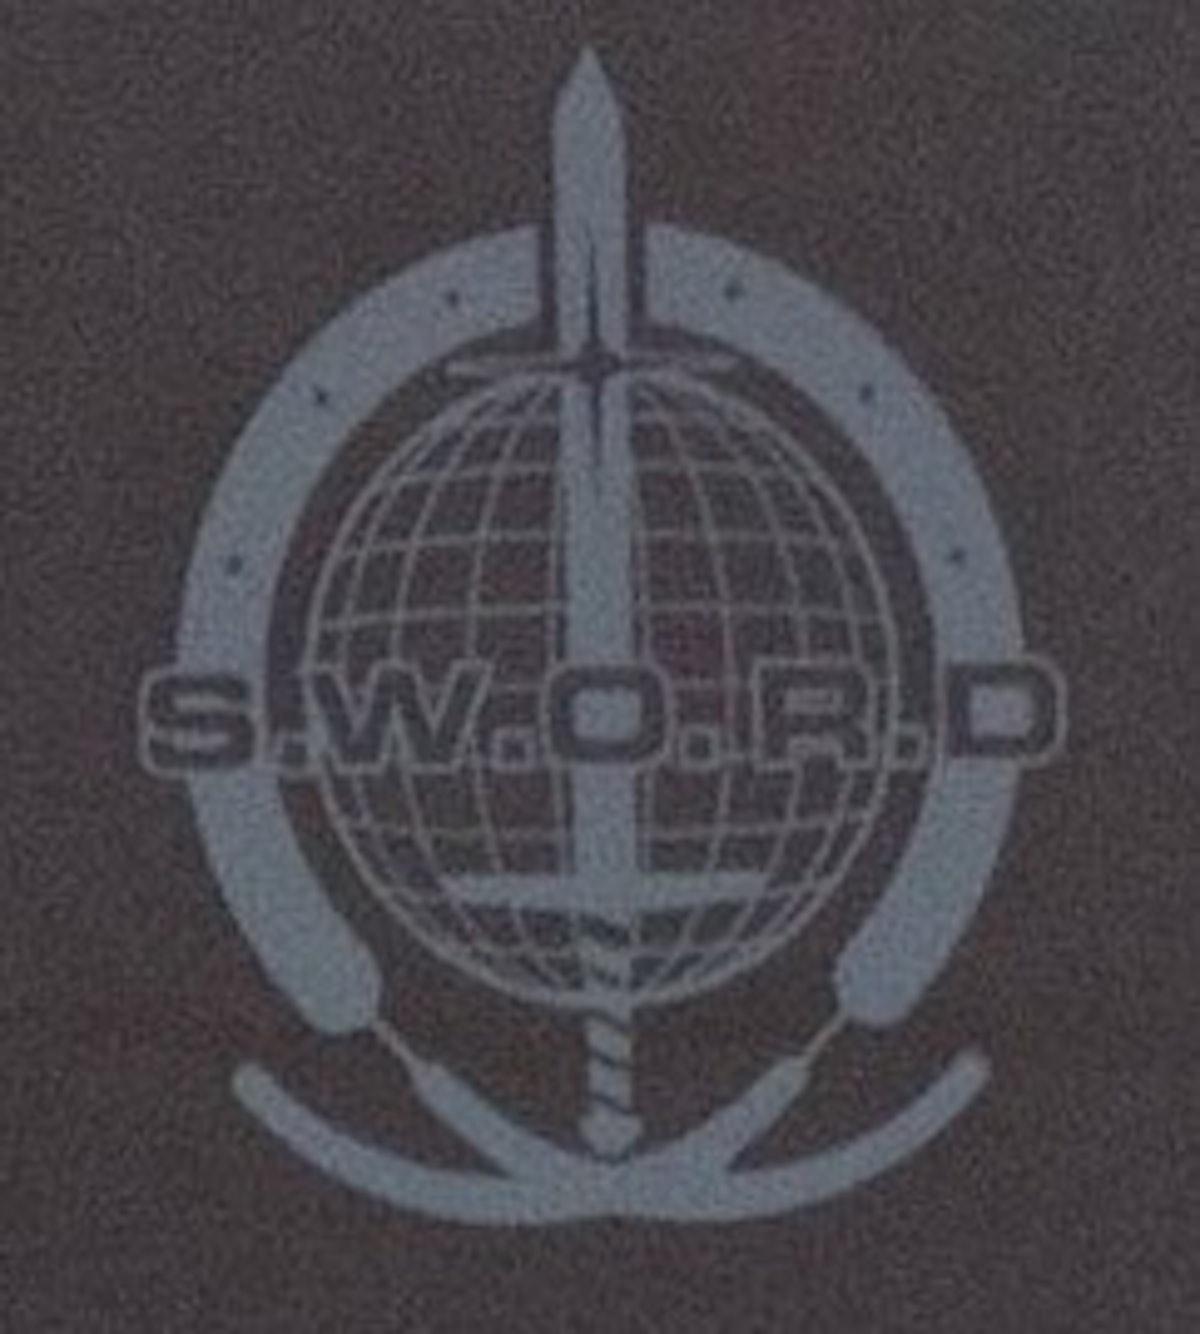 S.W.O.R.D. logo